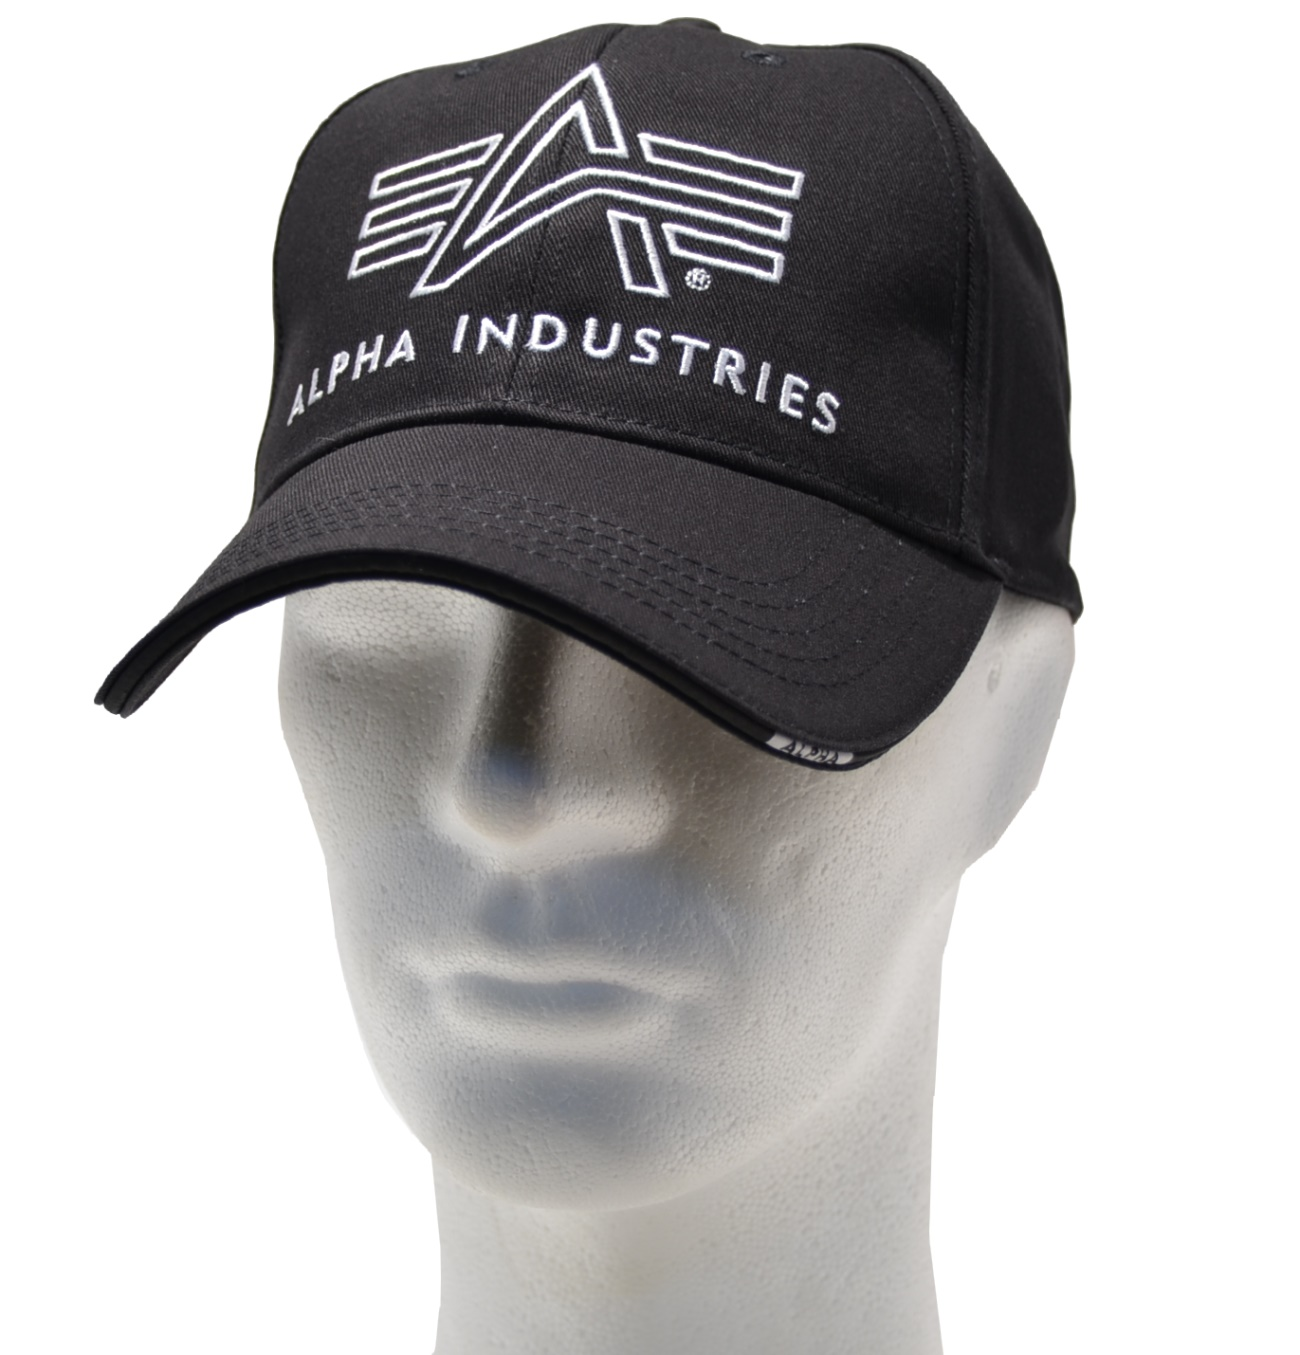 size 40 f3f65 71a82 Alpha Industries Cap Logo - Alpha Industries bei Ultras Shop -  www.ultrasversand.de